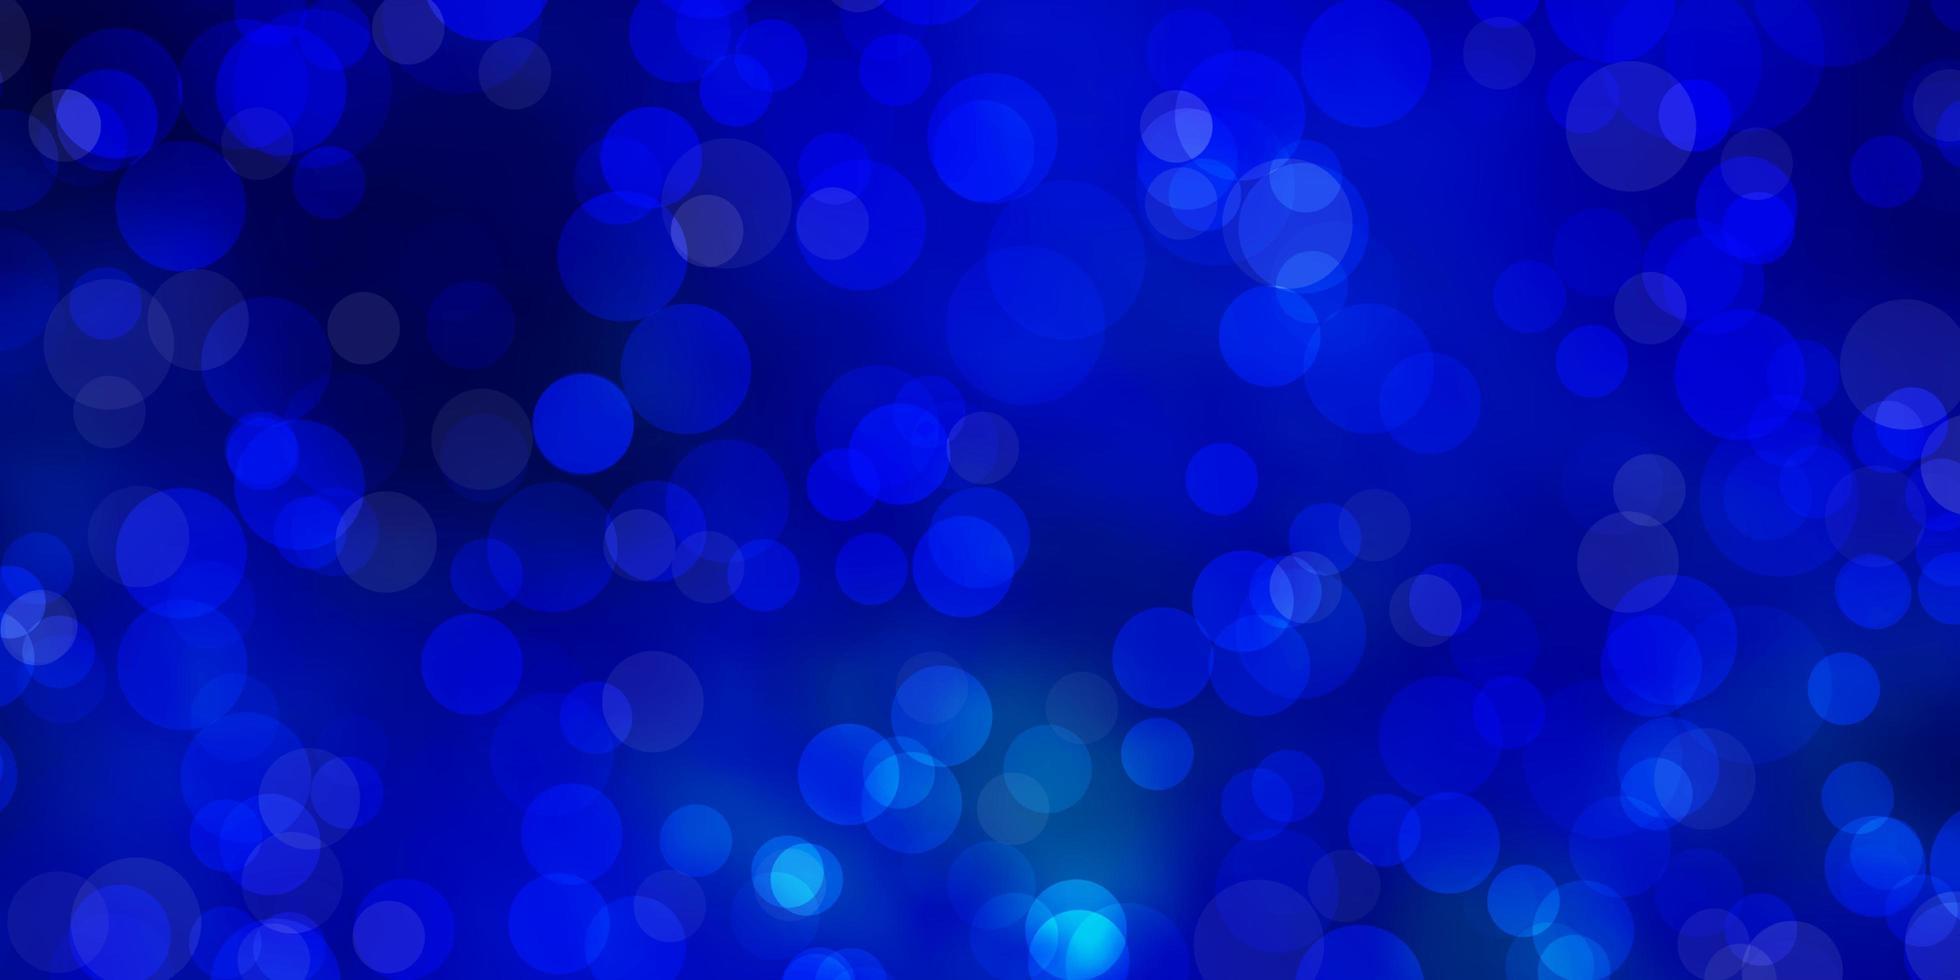 fundo azul com manchas. vetor